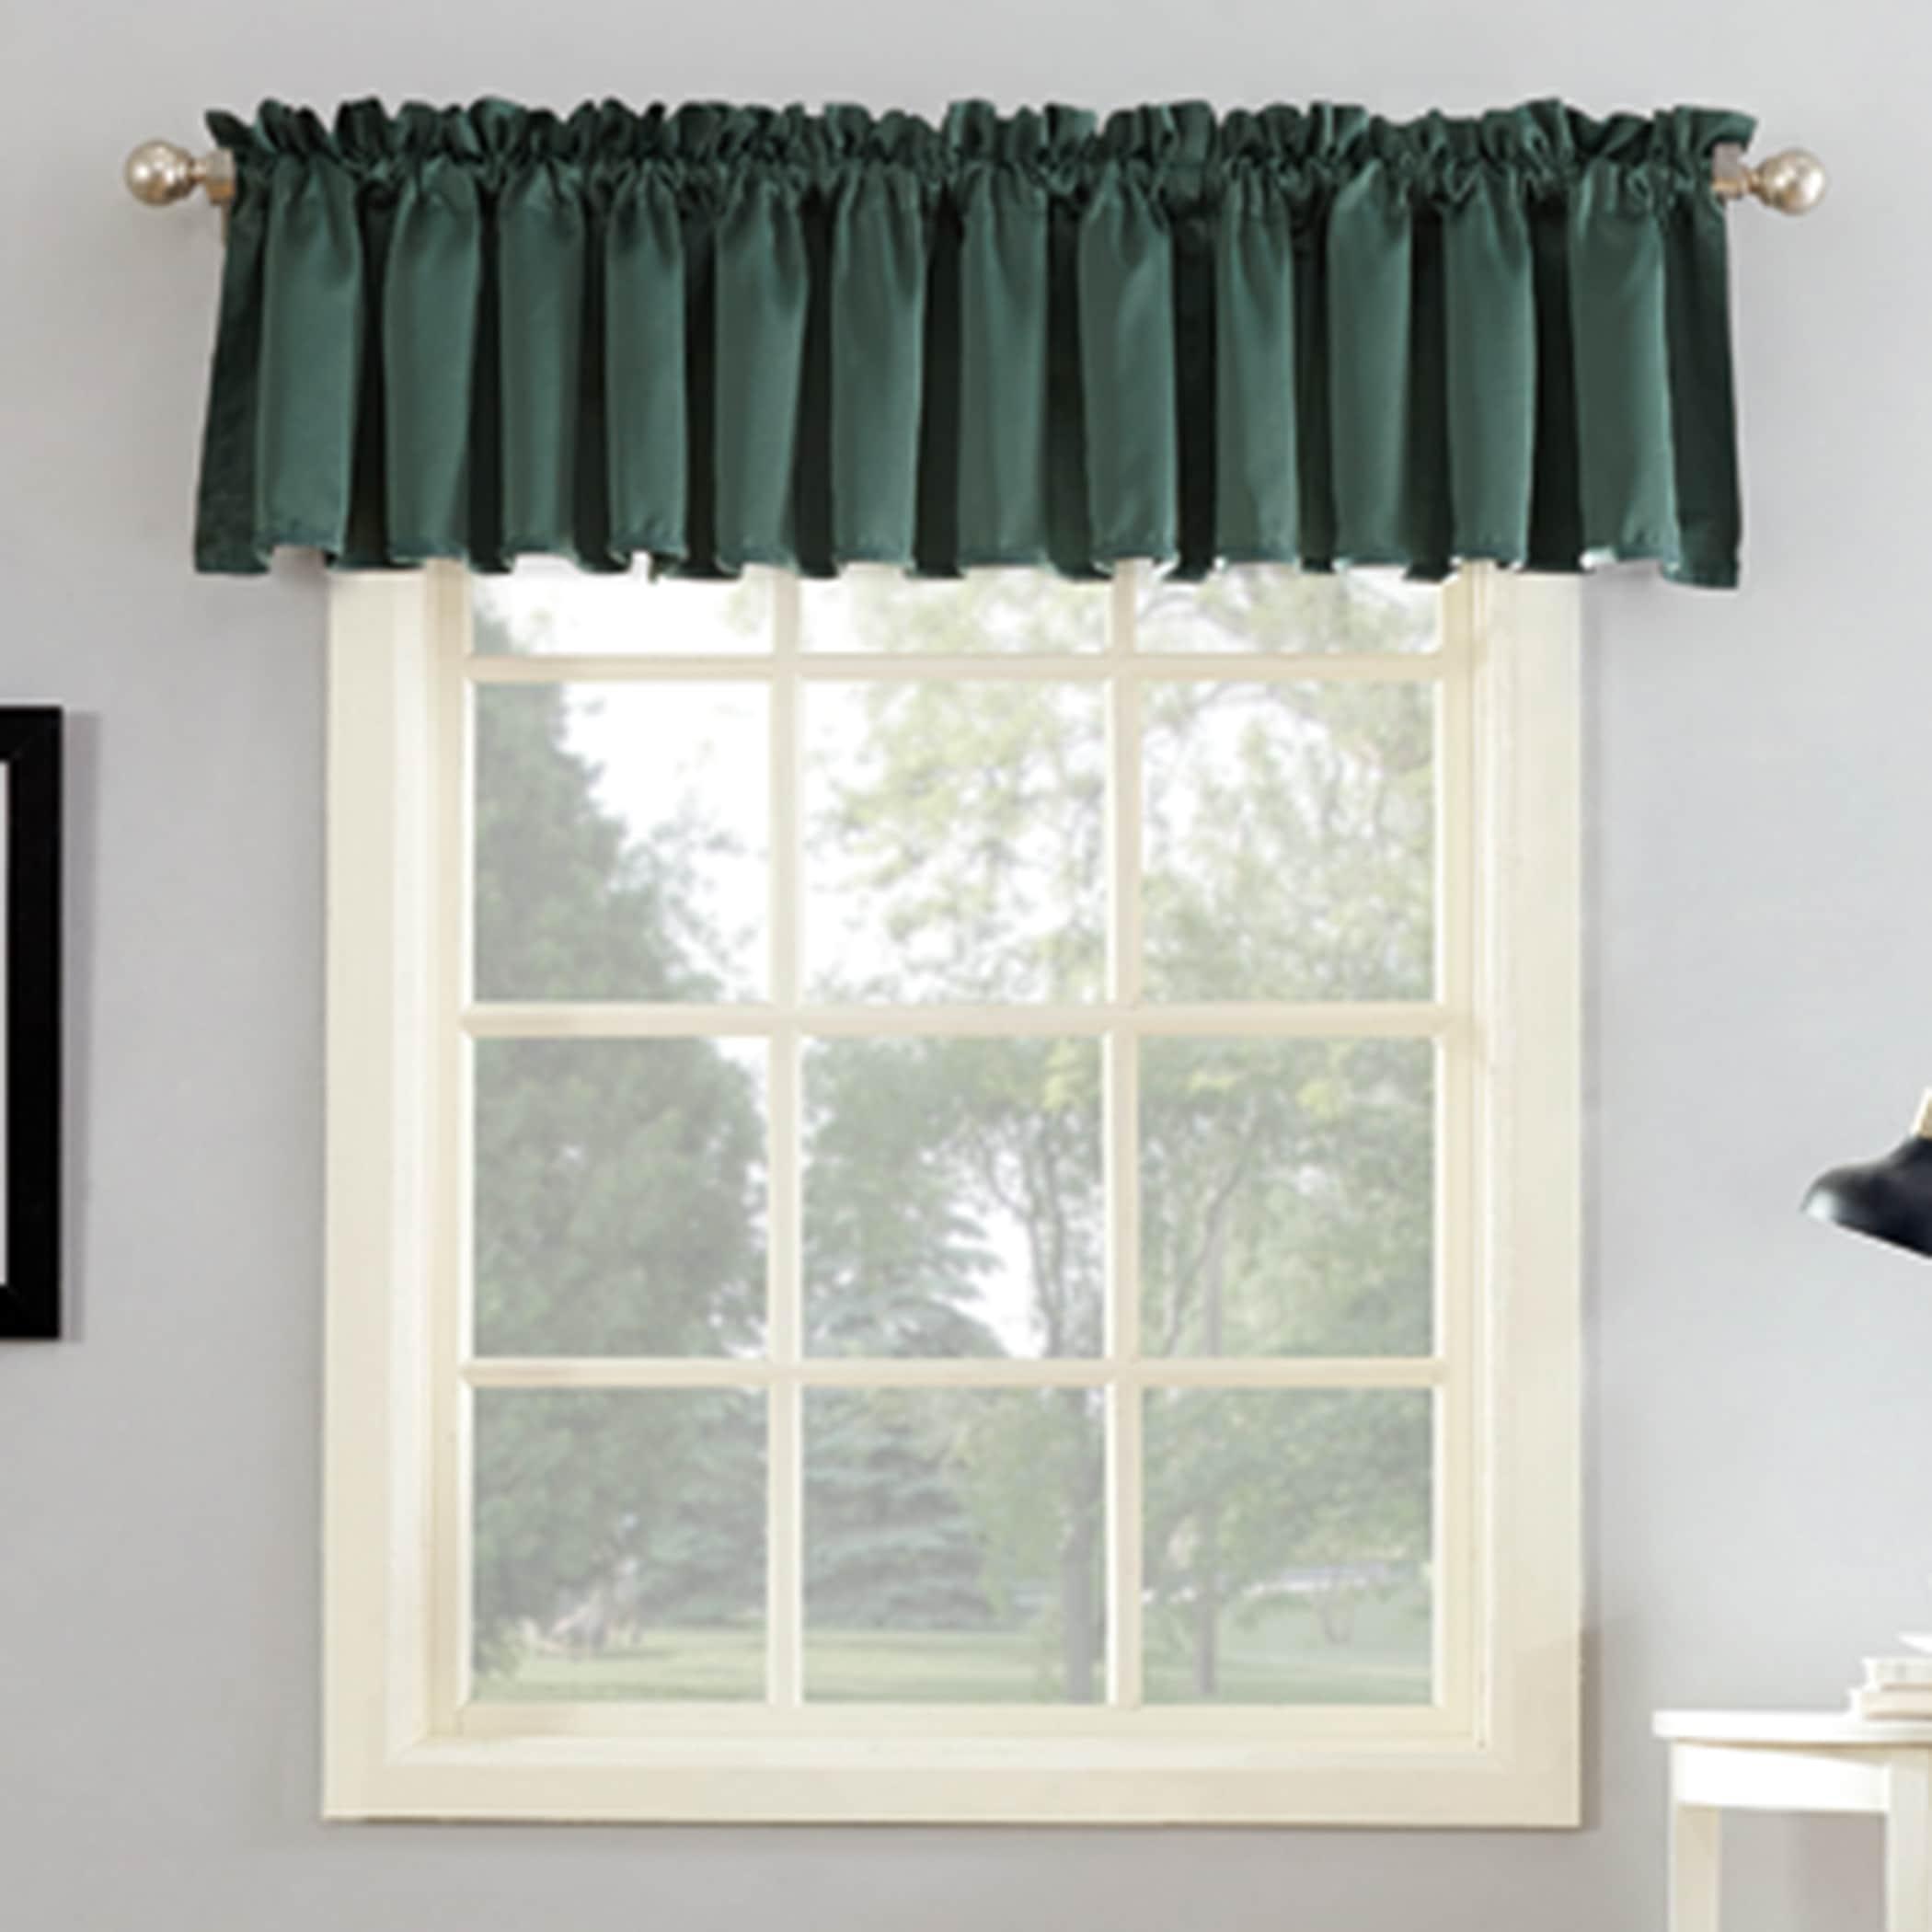 Porch Den Inez Room Darkening Window Valance 54 X 18 54 X 18 On Sale Overstock 21258258